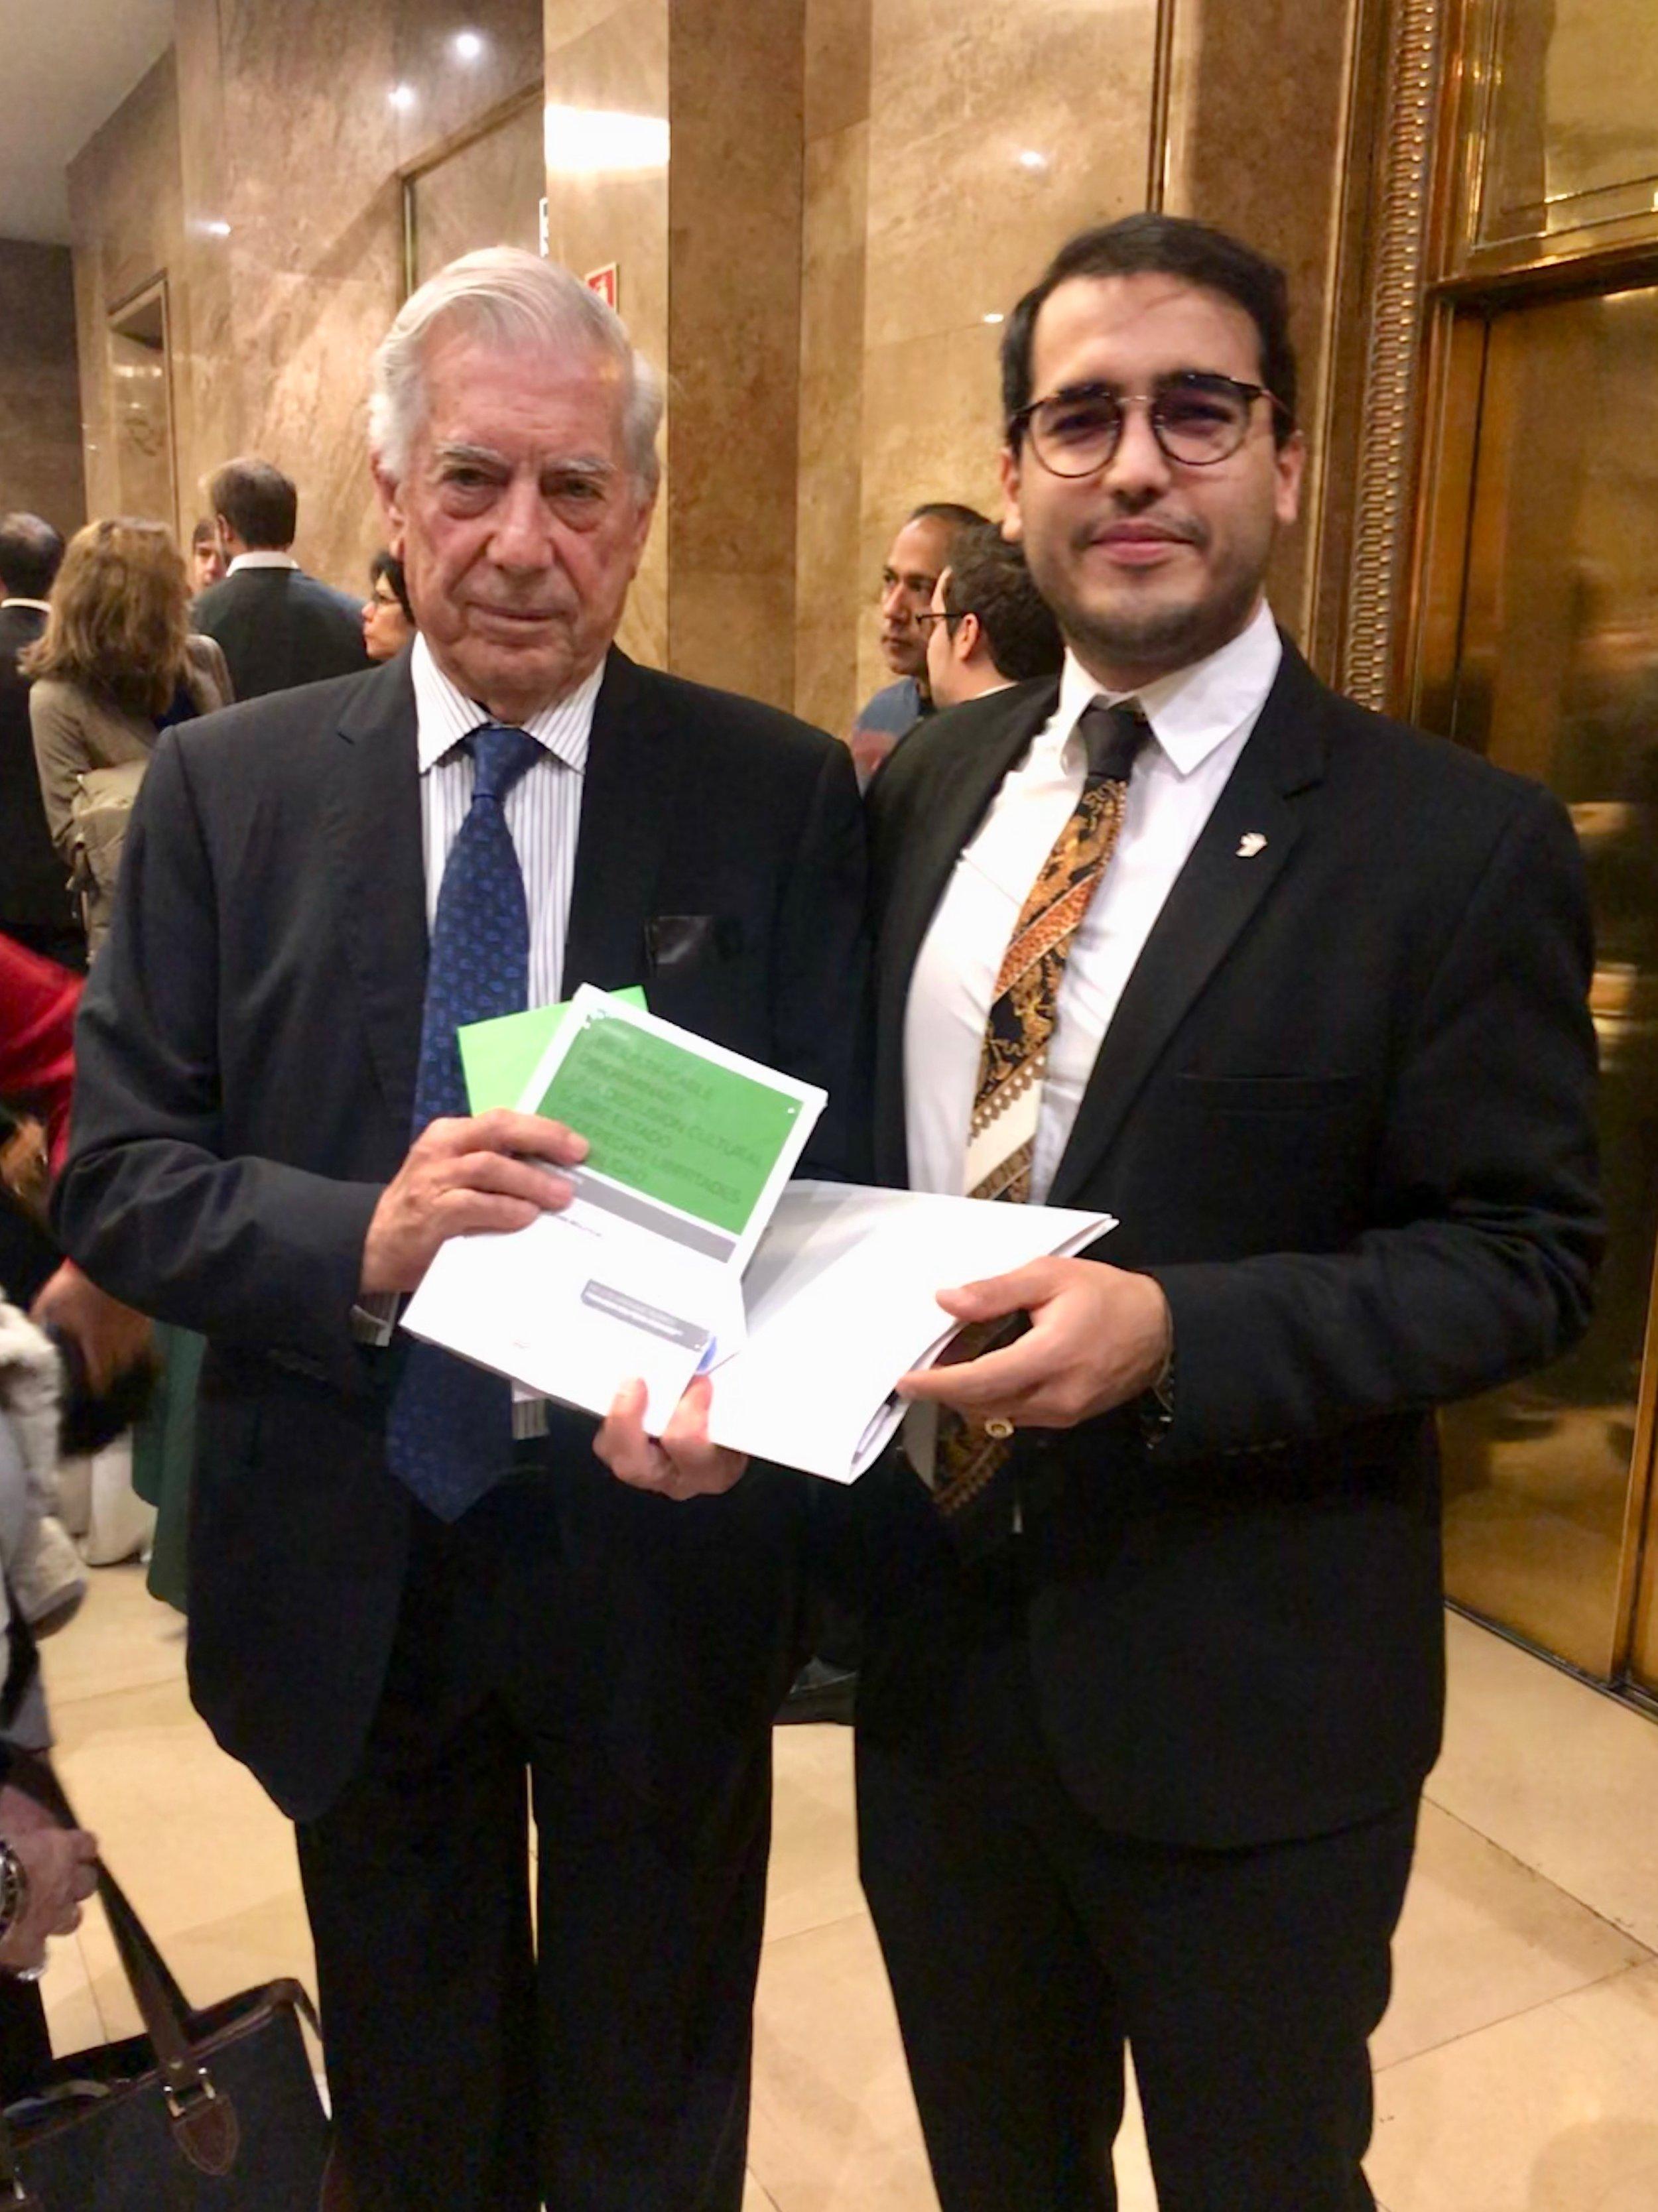 Duarte entrega libro a Mario Vargas Llosa